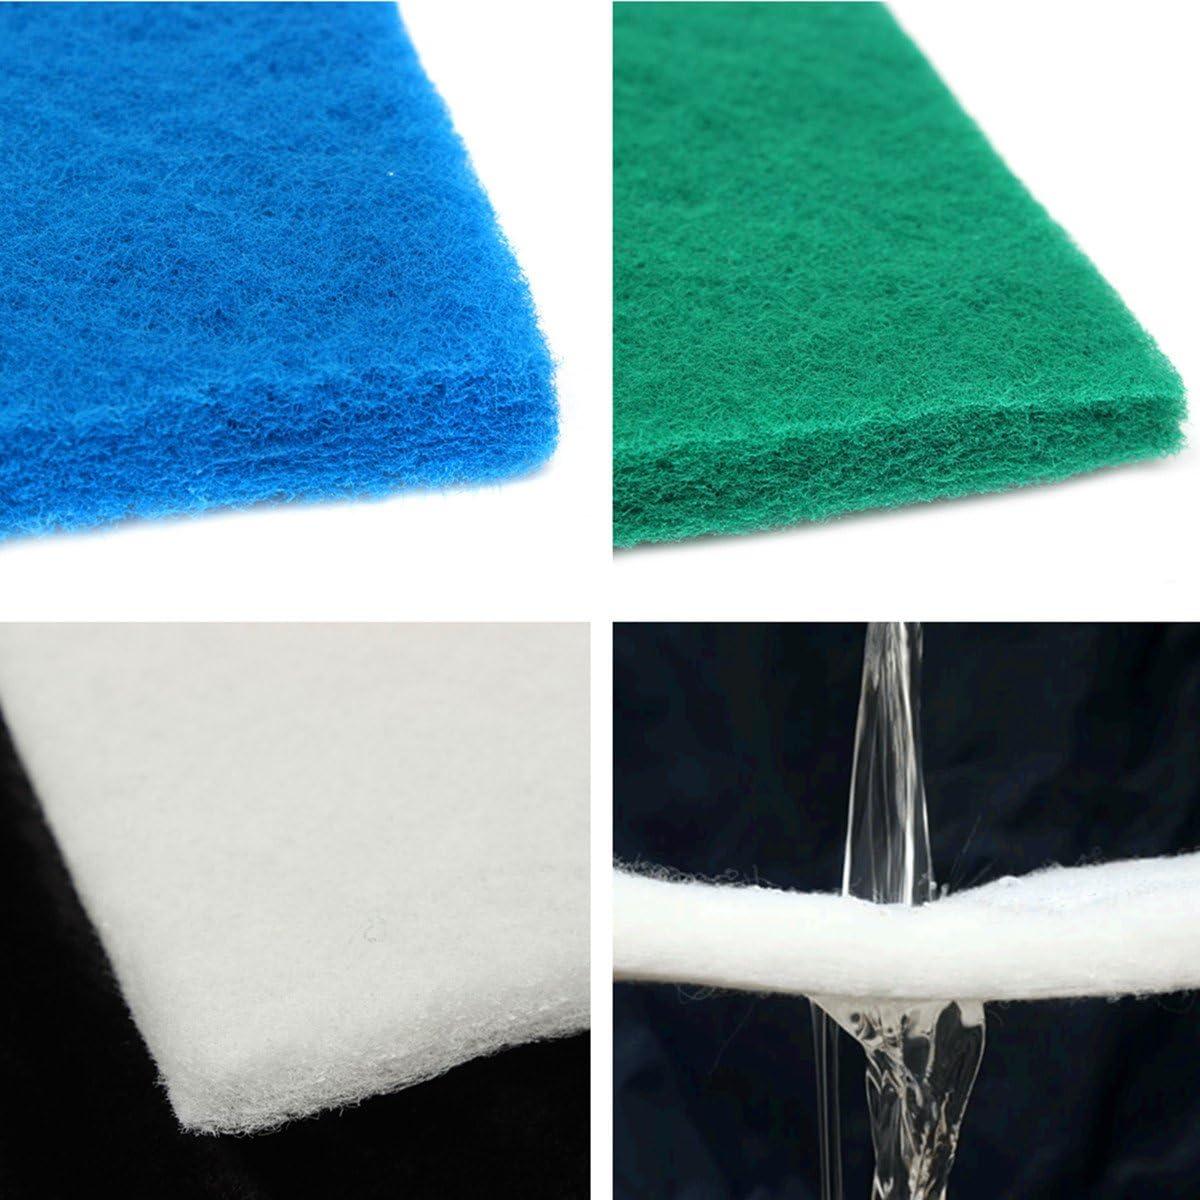 MYAMIA 50x50x3Cm Biochimique Filtre en Mousse Coton /Éponge Tampon De Poisson pour Aquarium R/éservoir /Étang-Vert